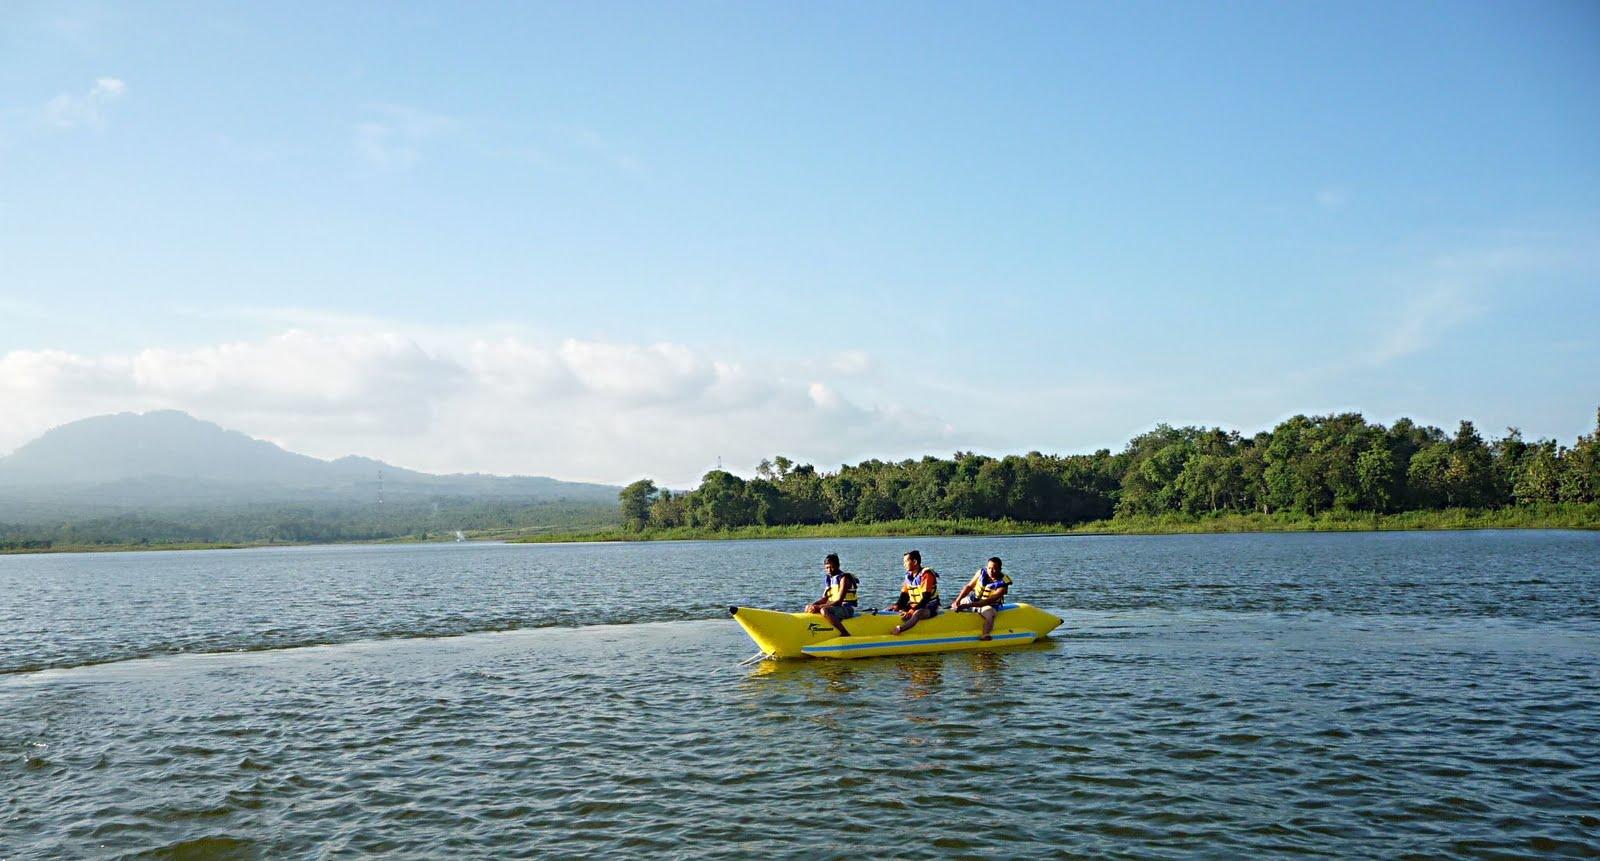 12 Wisata keren di Madiun ini bisa jadi alternatif liburanmu